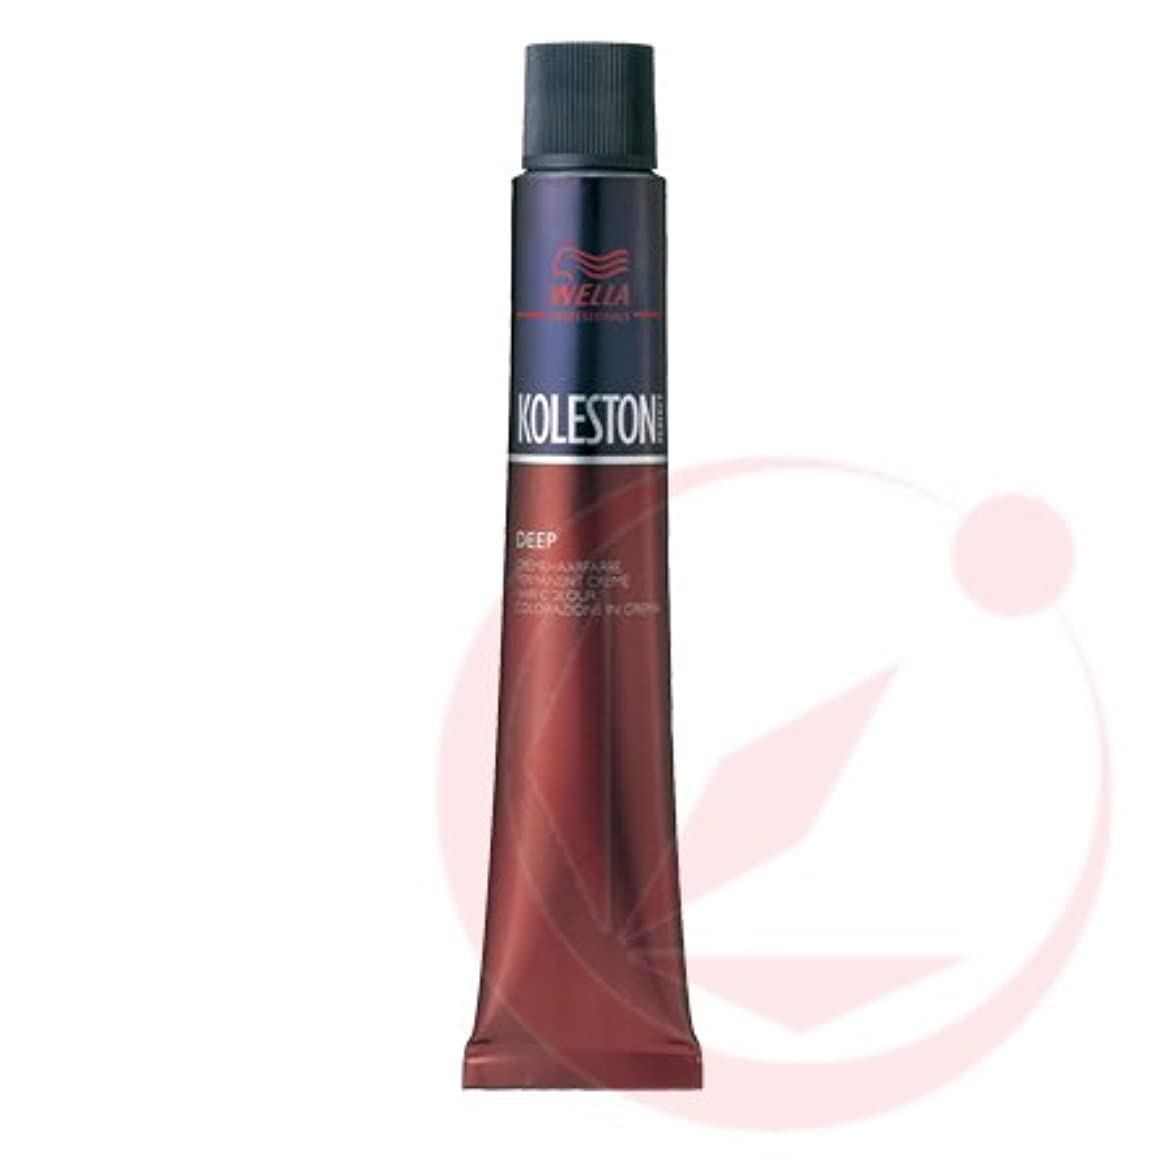 びんペイン筋肉のウエラ コレストンパーフェクト Deep 07 (ディープ) 80g(カラー1剤) 6/07*